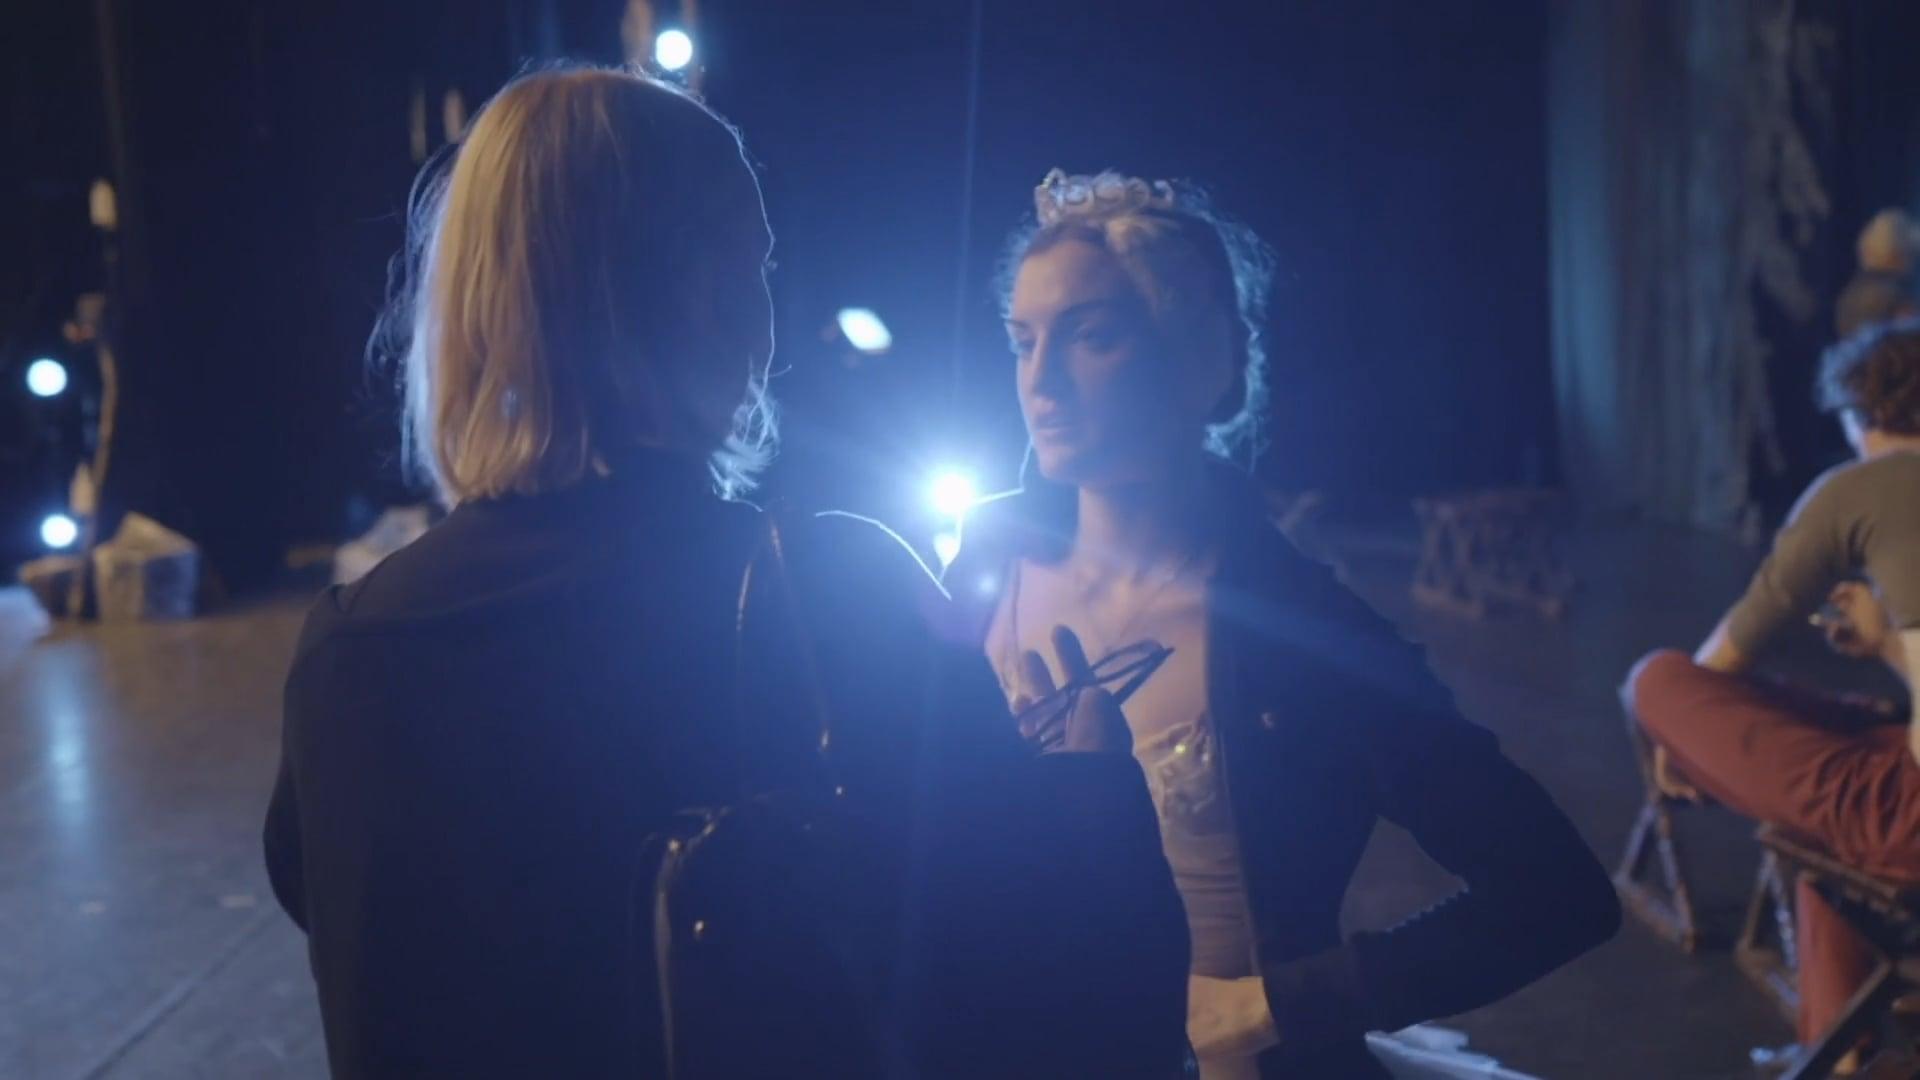 Director's Reel. Dina Burlis